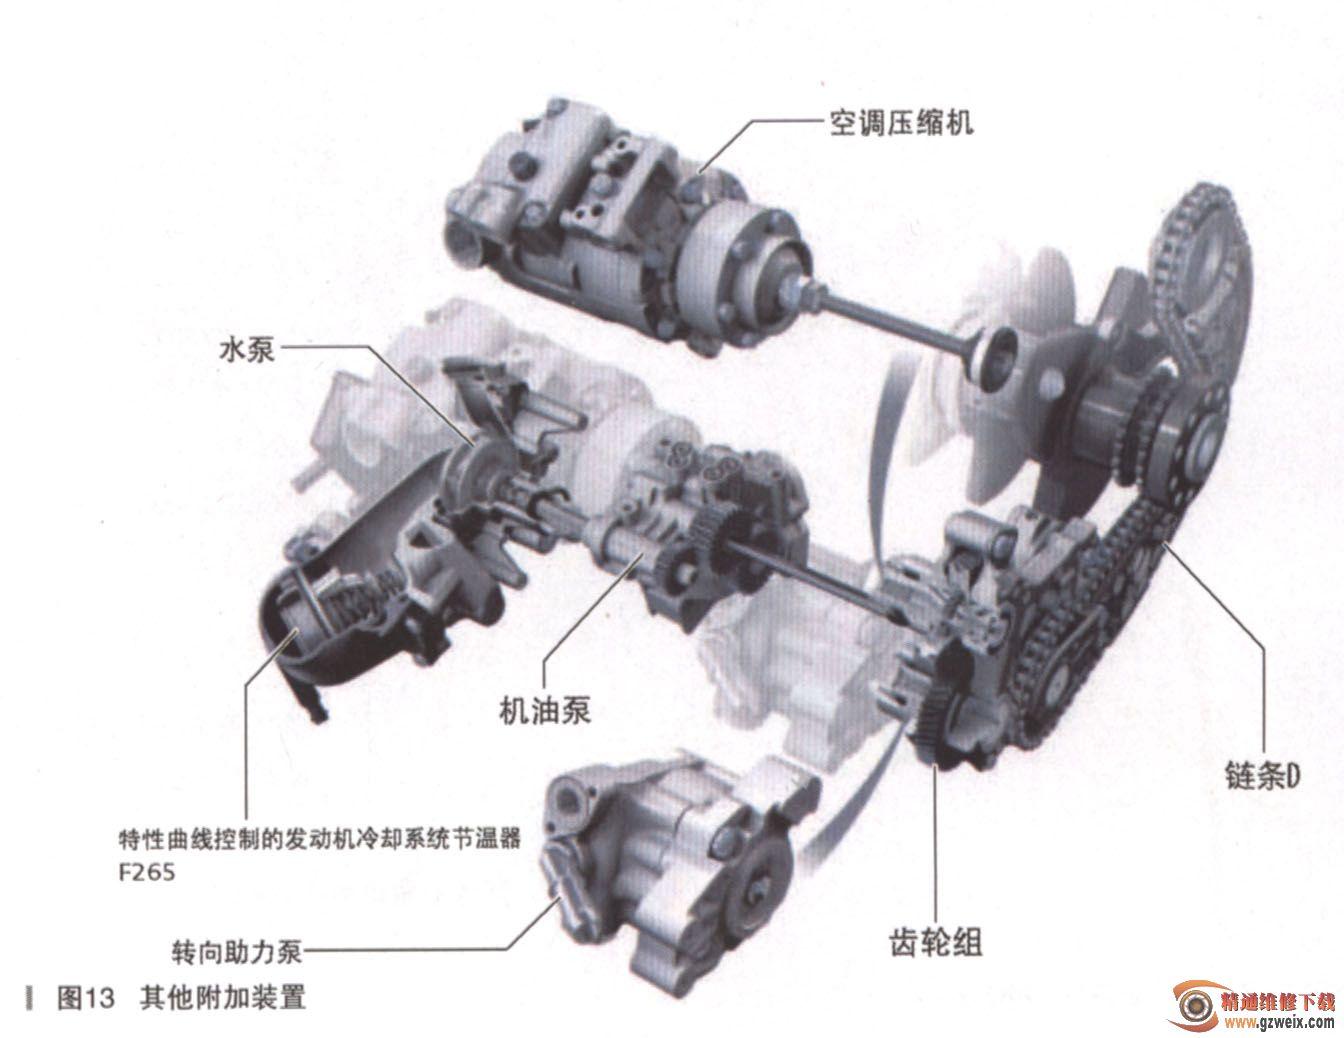 剖析卡簧4.0T发动机新技术(二)奥迪尺寸孔用表图片